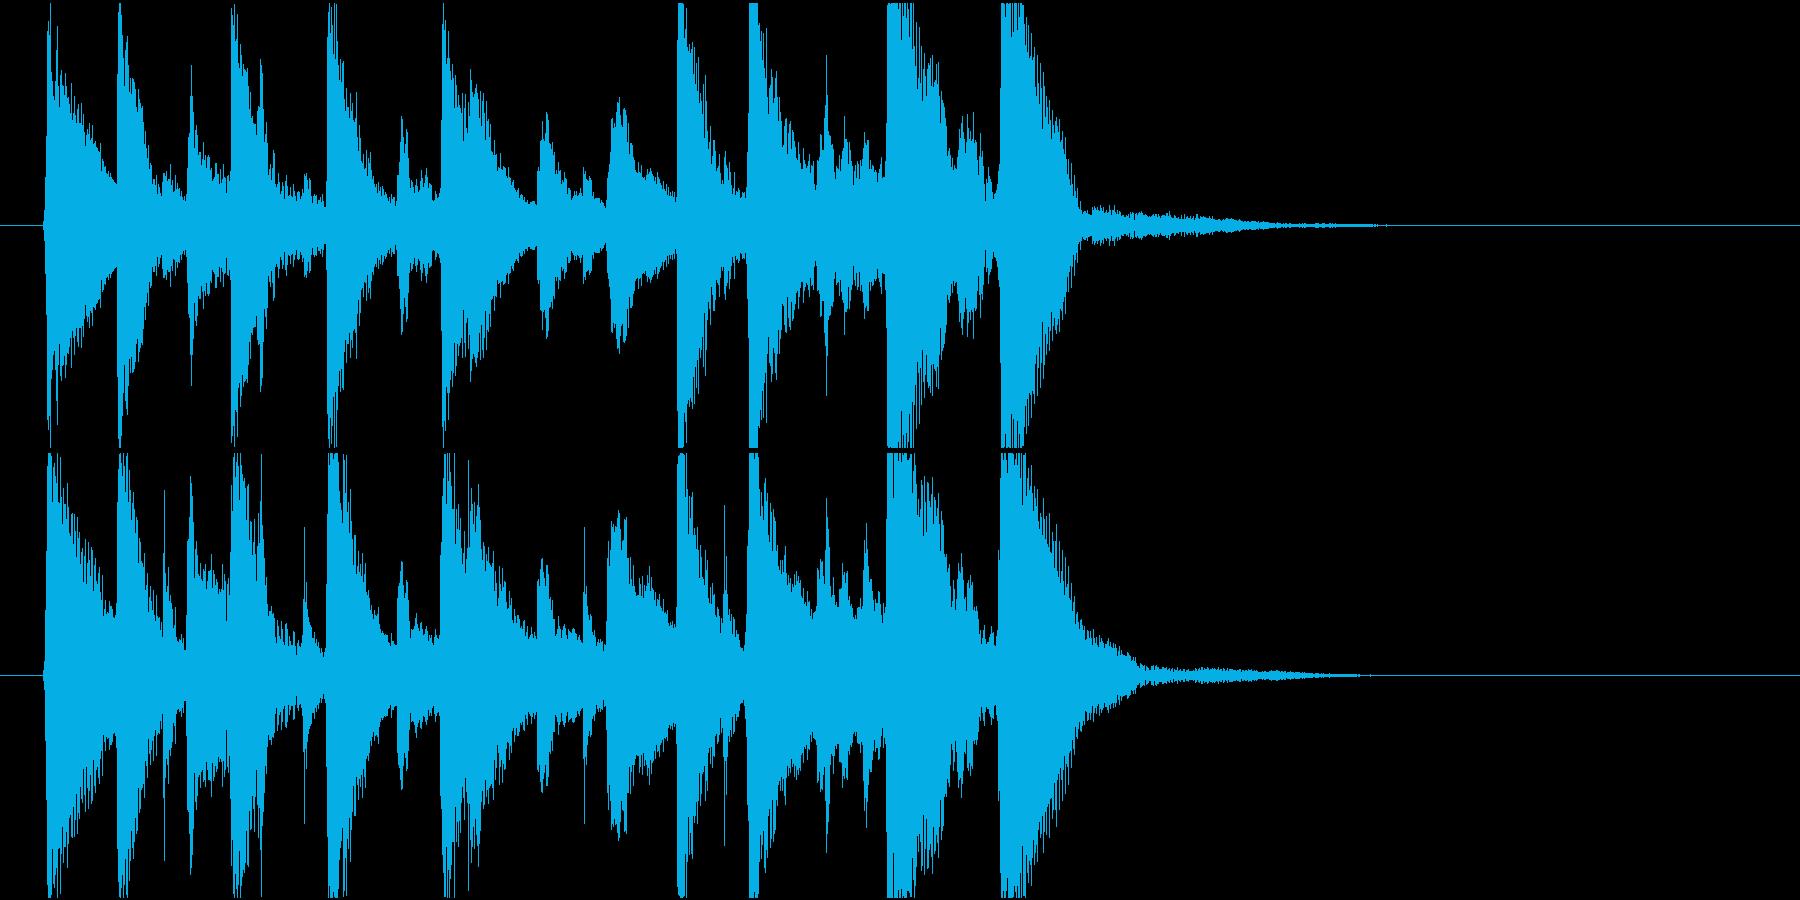 いたずらっぽく楽しいミディアムスイング3の再生済みの波形